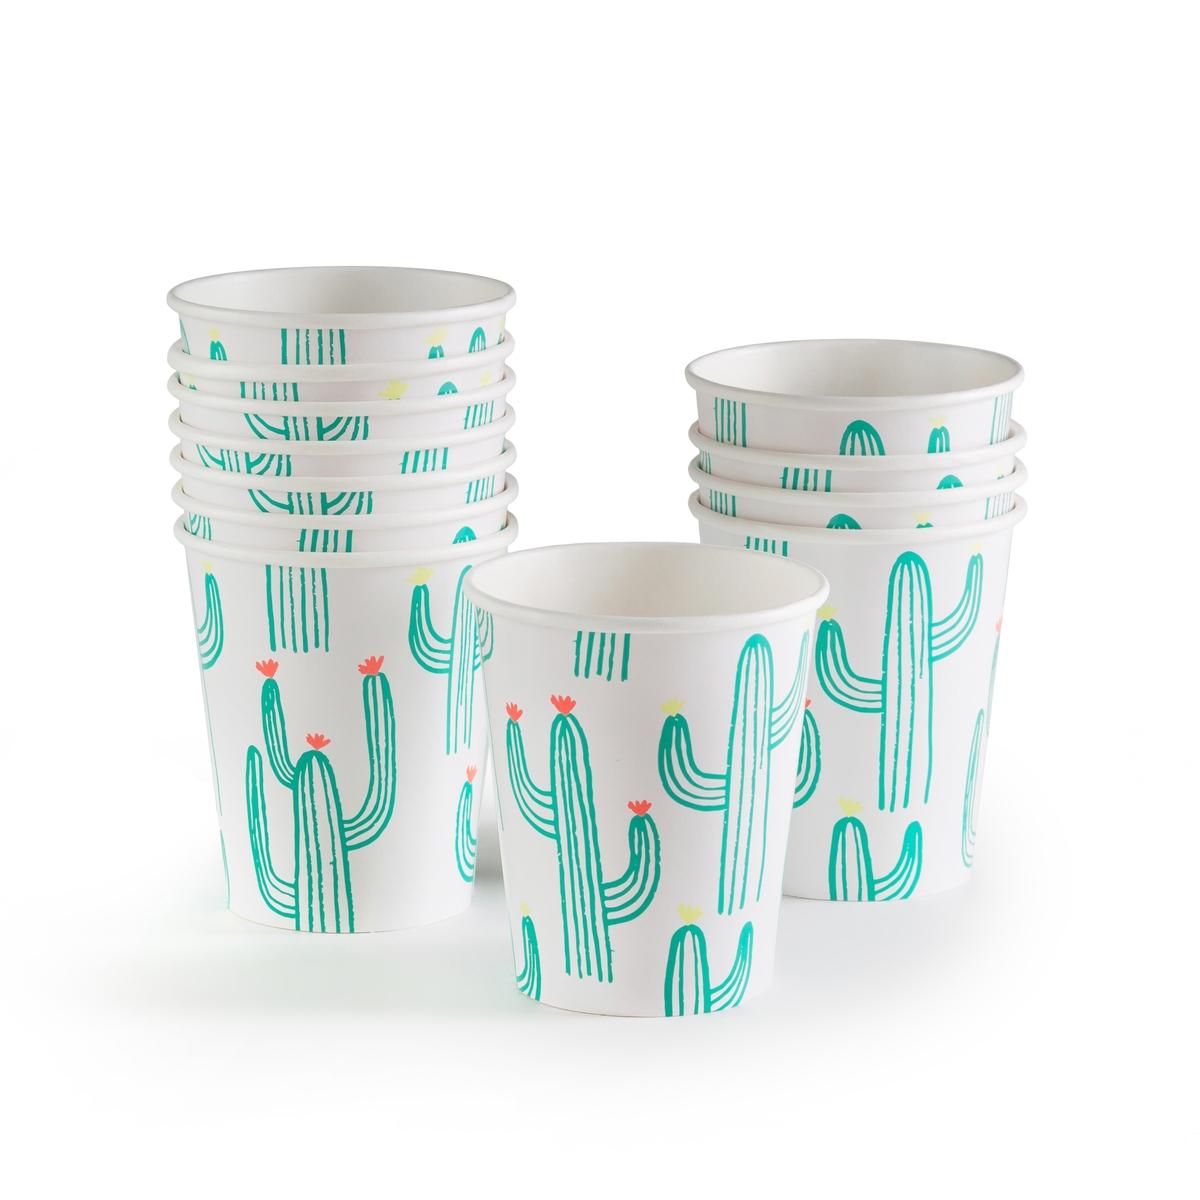 Стаканы картонные с рисунком кактус FAVIENE (12 шт.)Описание:Комплект из 12 картонных стаканов La Redoute Interieurs : забавный рисунок кактус.Характеристики 12 стаканов: •  Картон с рисунком кактус •  Одноразовые стаканыРазмеры 12 стаканов: •  Высота 9,5 смВсю коллекцию столового декора вы найдете на сайте laredoute.<br><br>Цвет: принт кактус